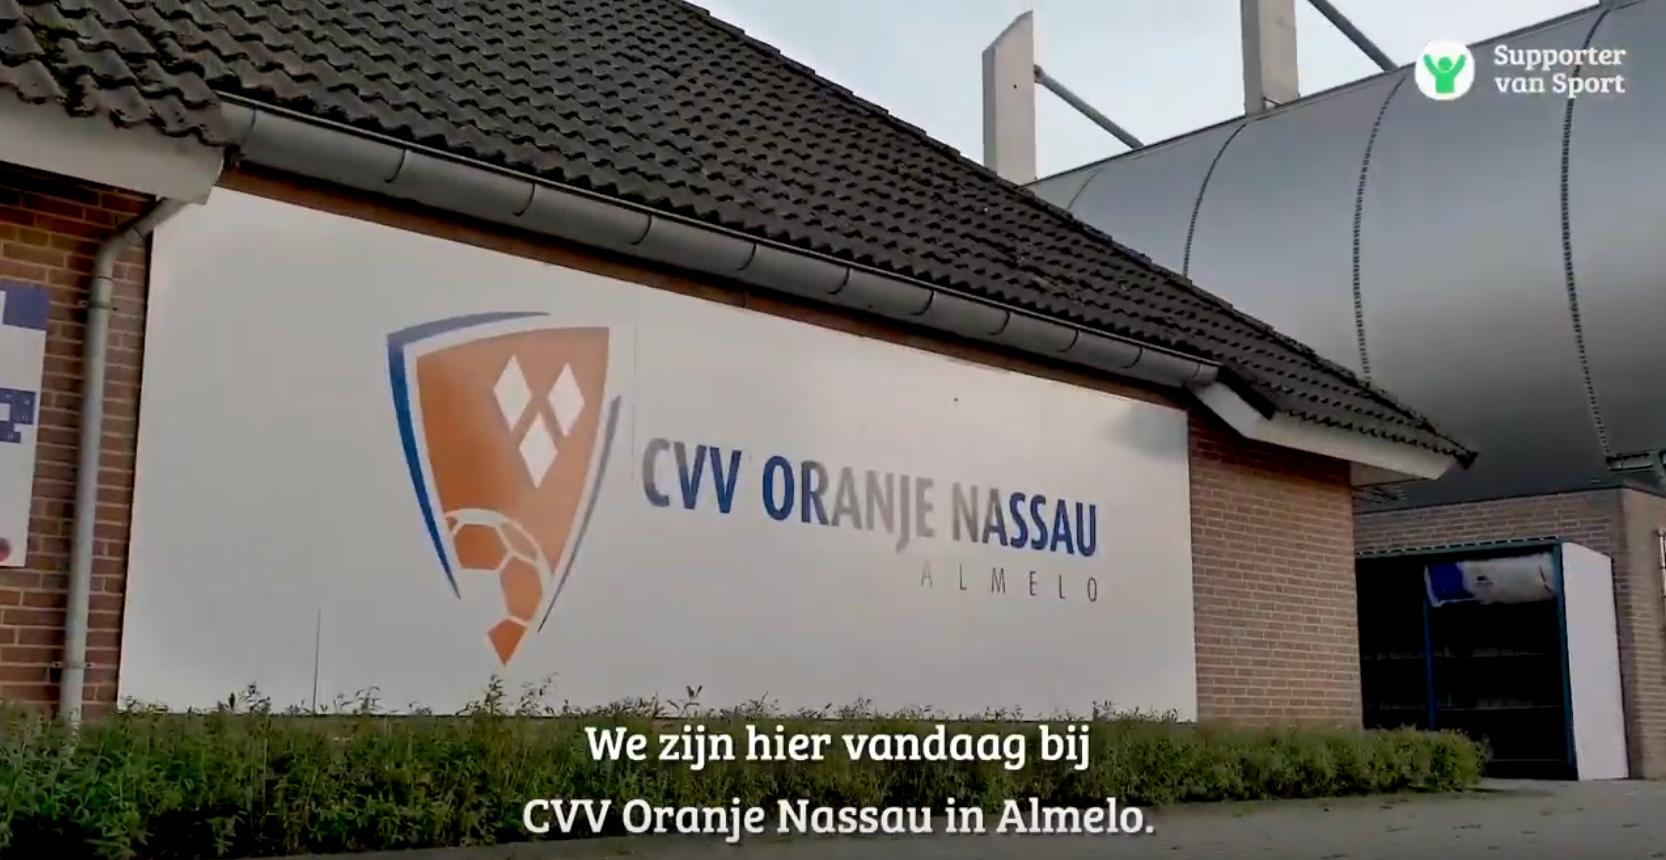 Univé doneert ONs de eerste echte toolkit en maakt commercial